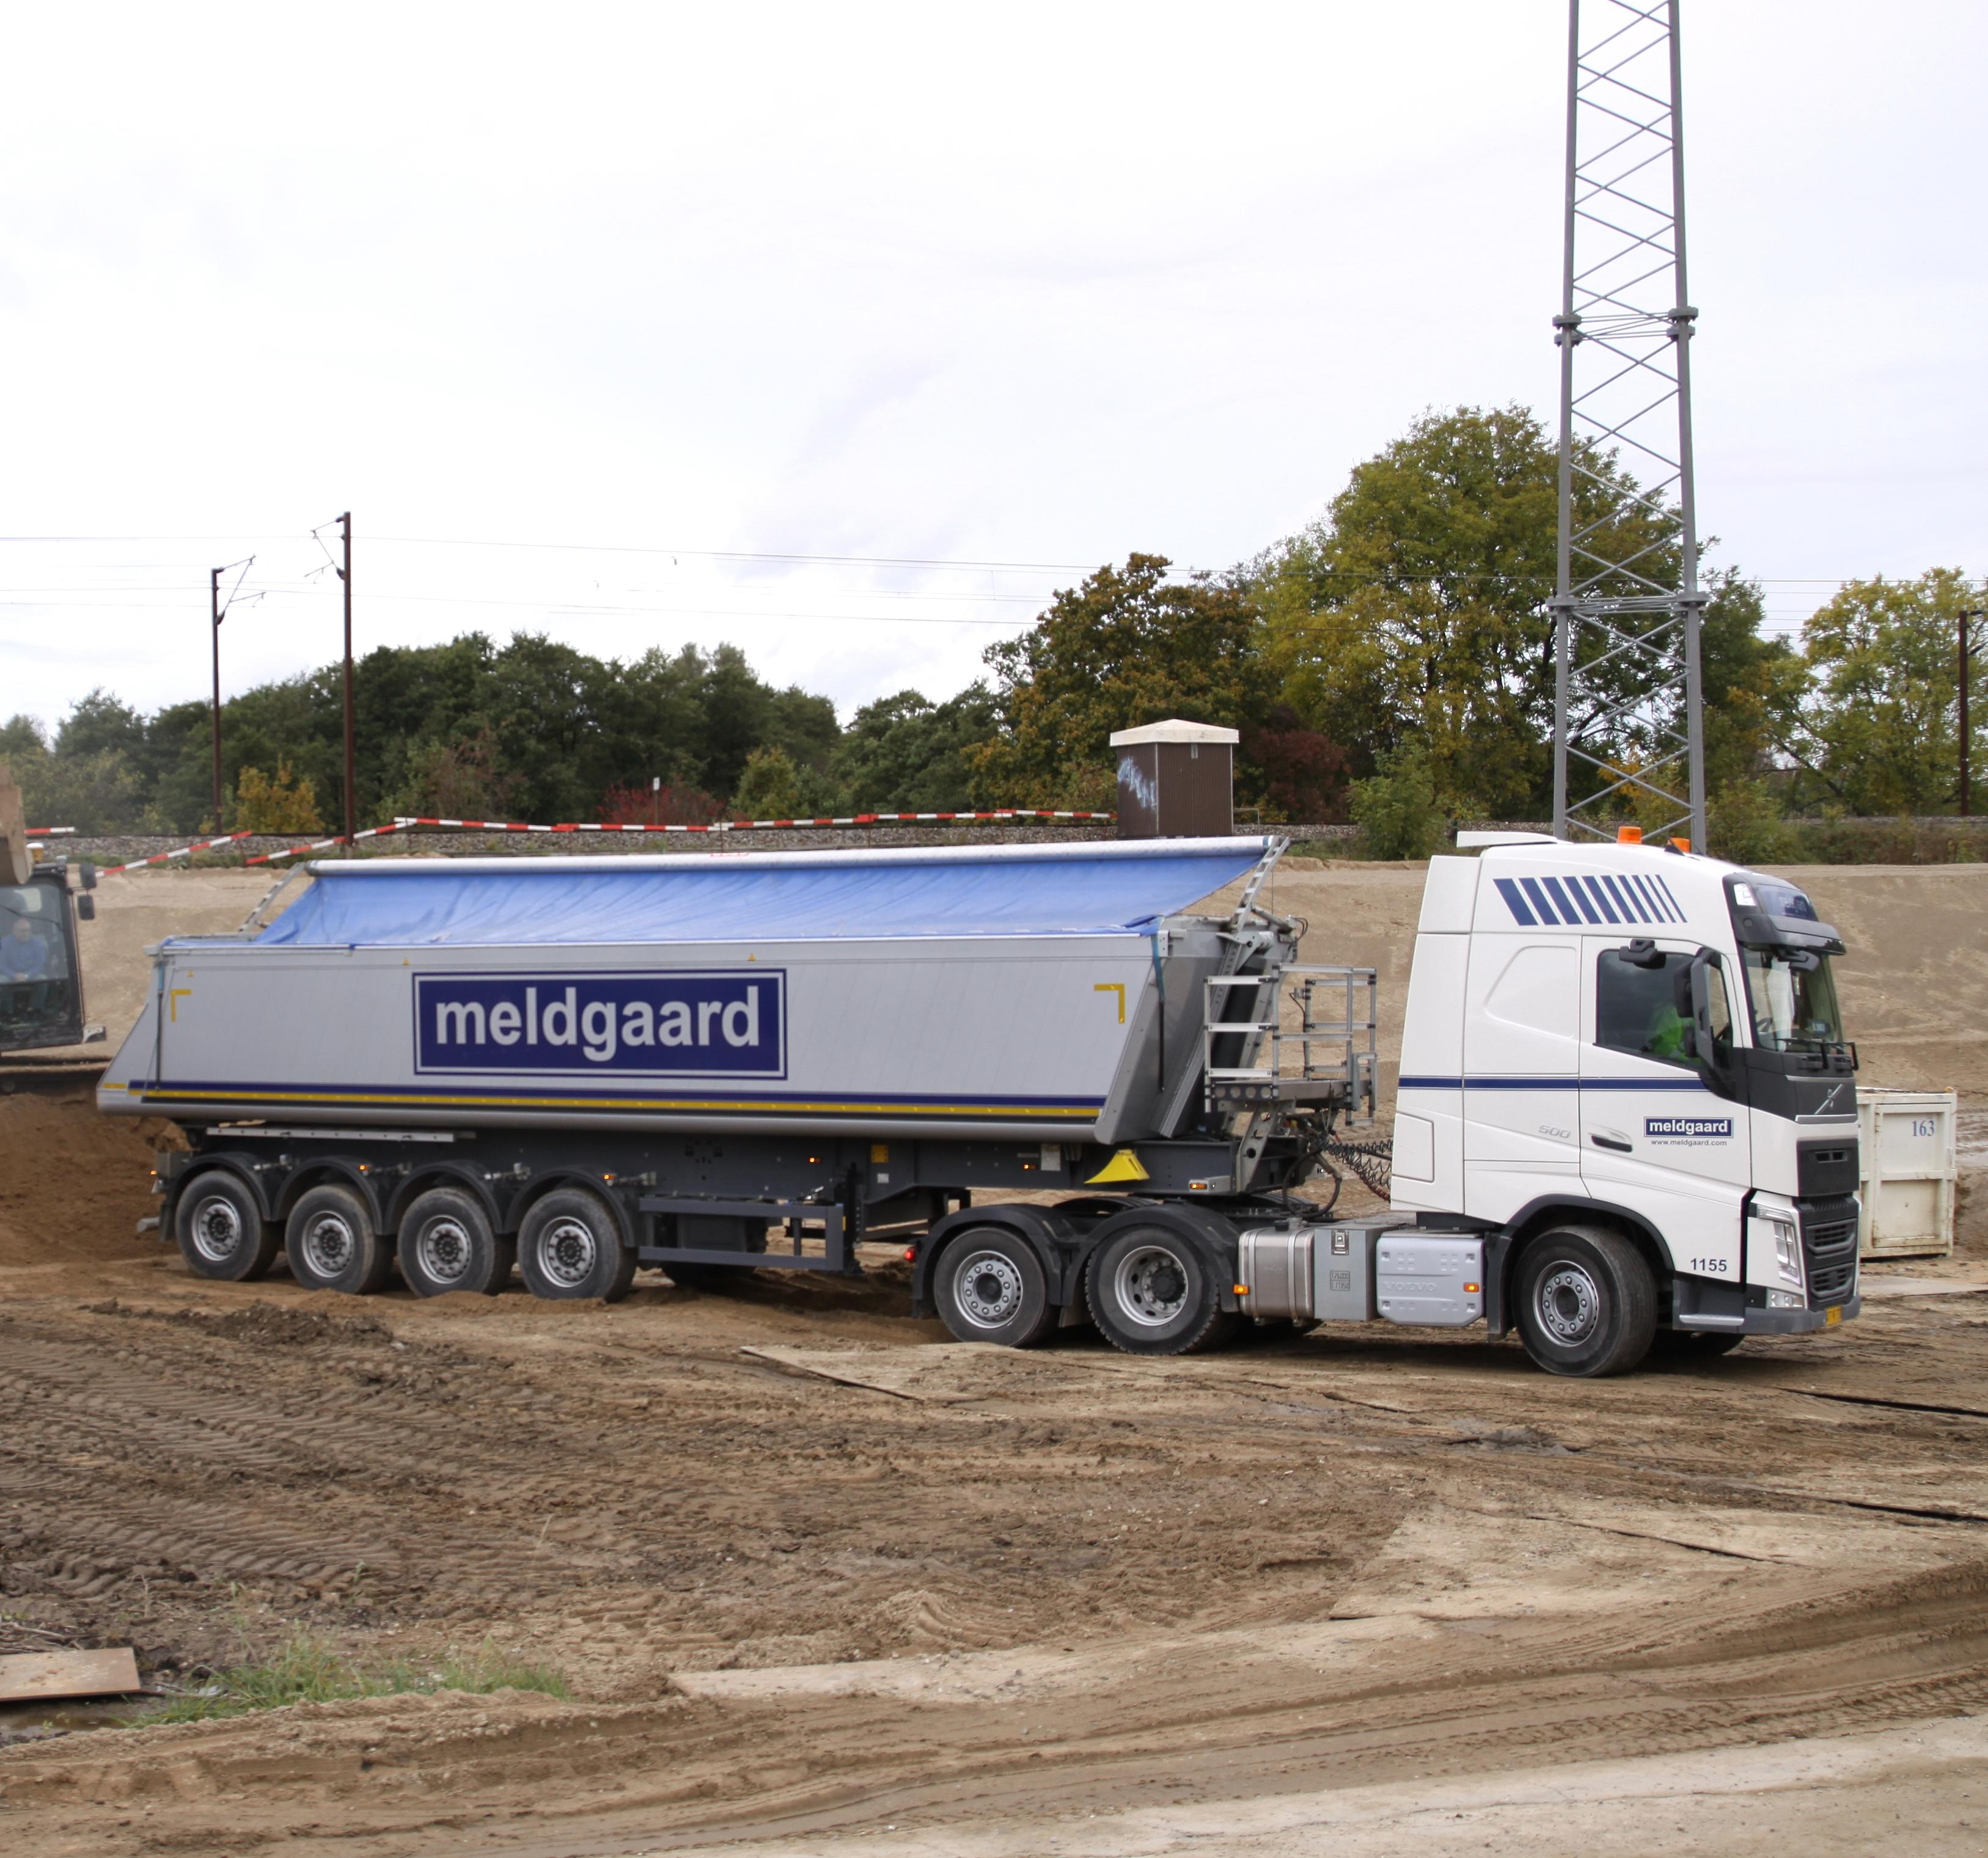 vognmænd transport kørsel til salg